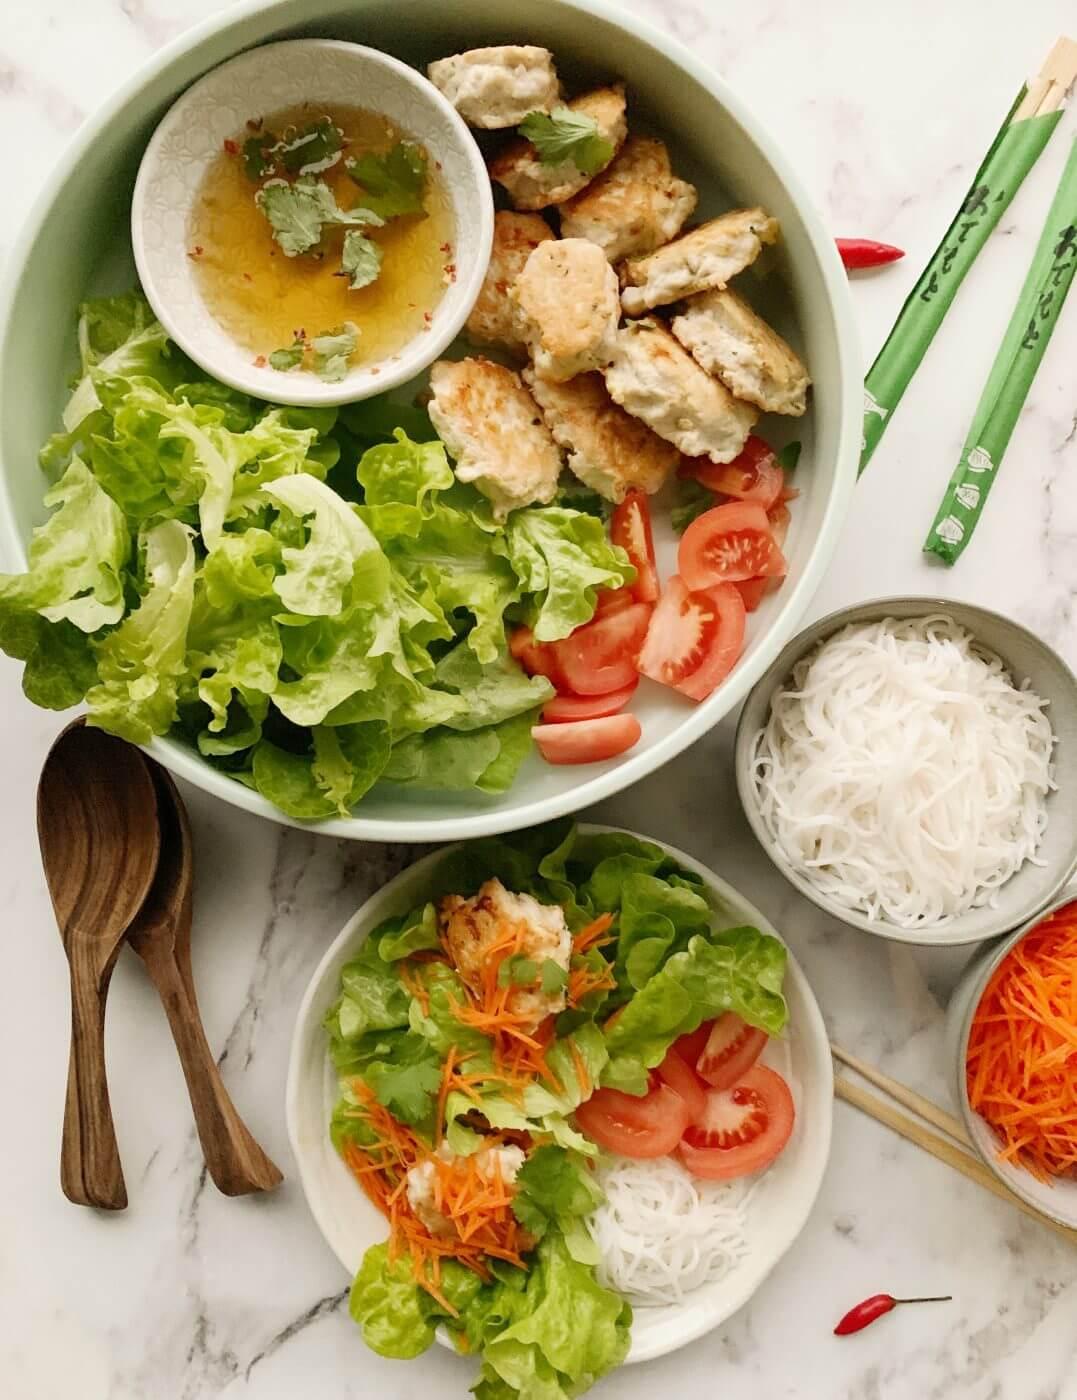 , Bun cha recipe the whole family will love